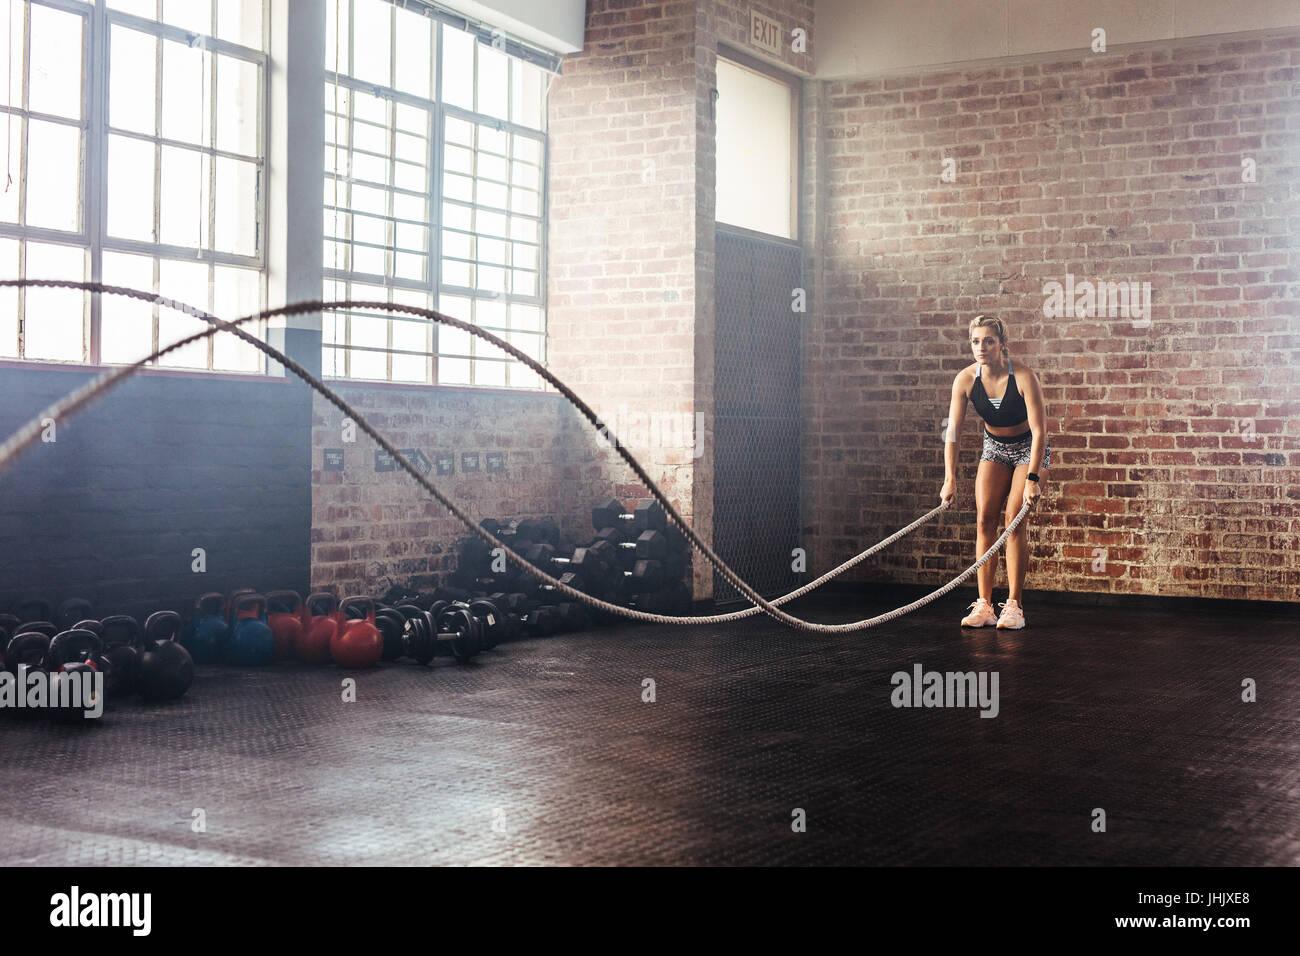 Frau mit Hilfe von Seilen Ausbildung für die Ausübung in der Turnhalle. Athlet bewegt sich die Seile in Stockbild